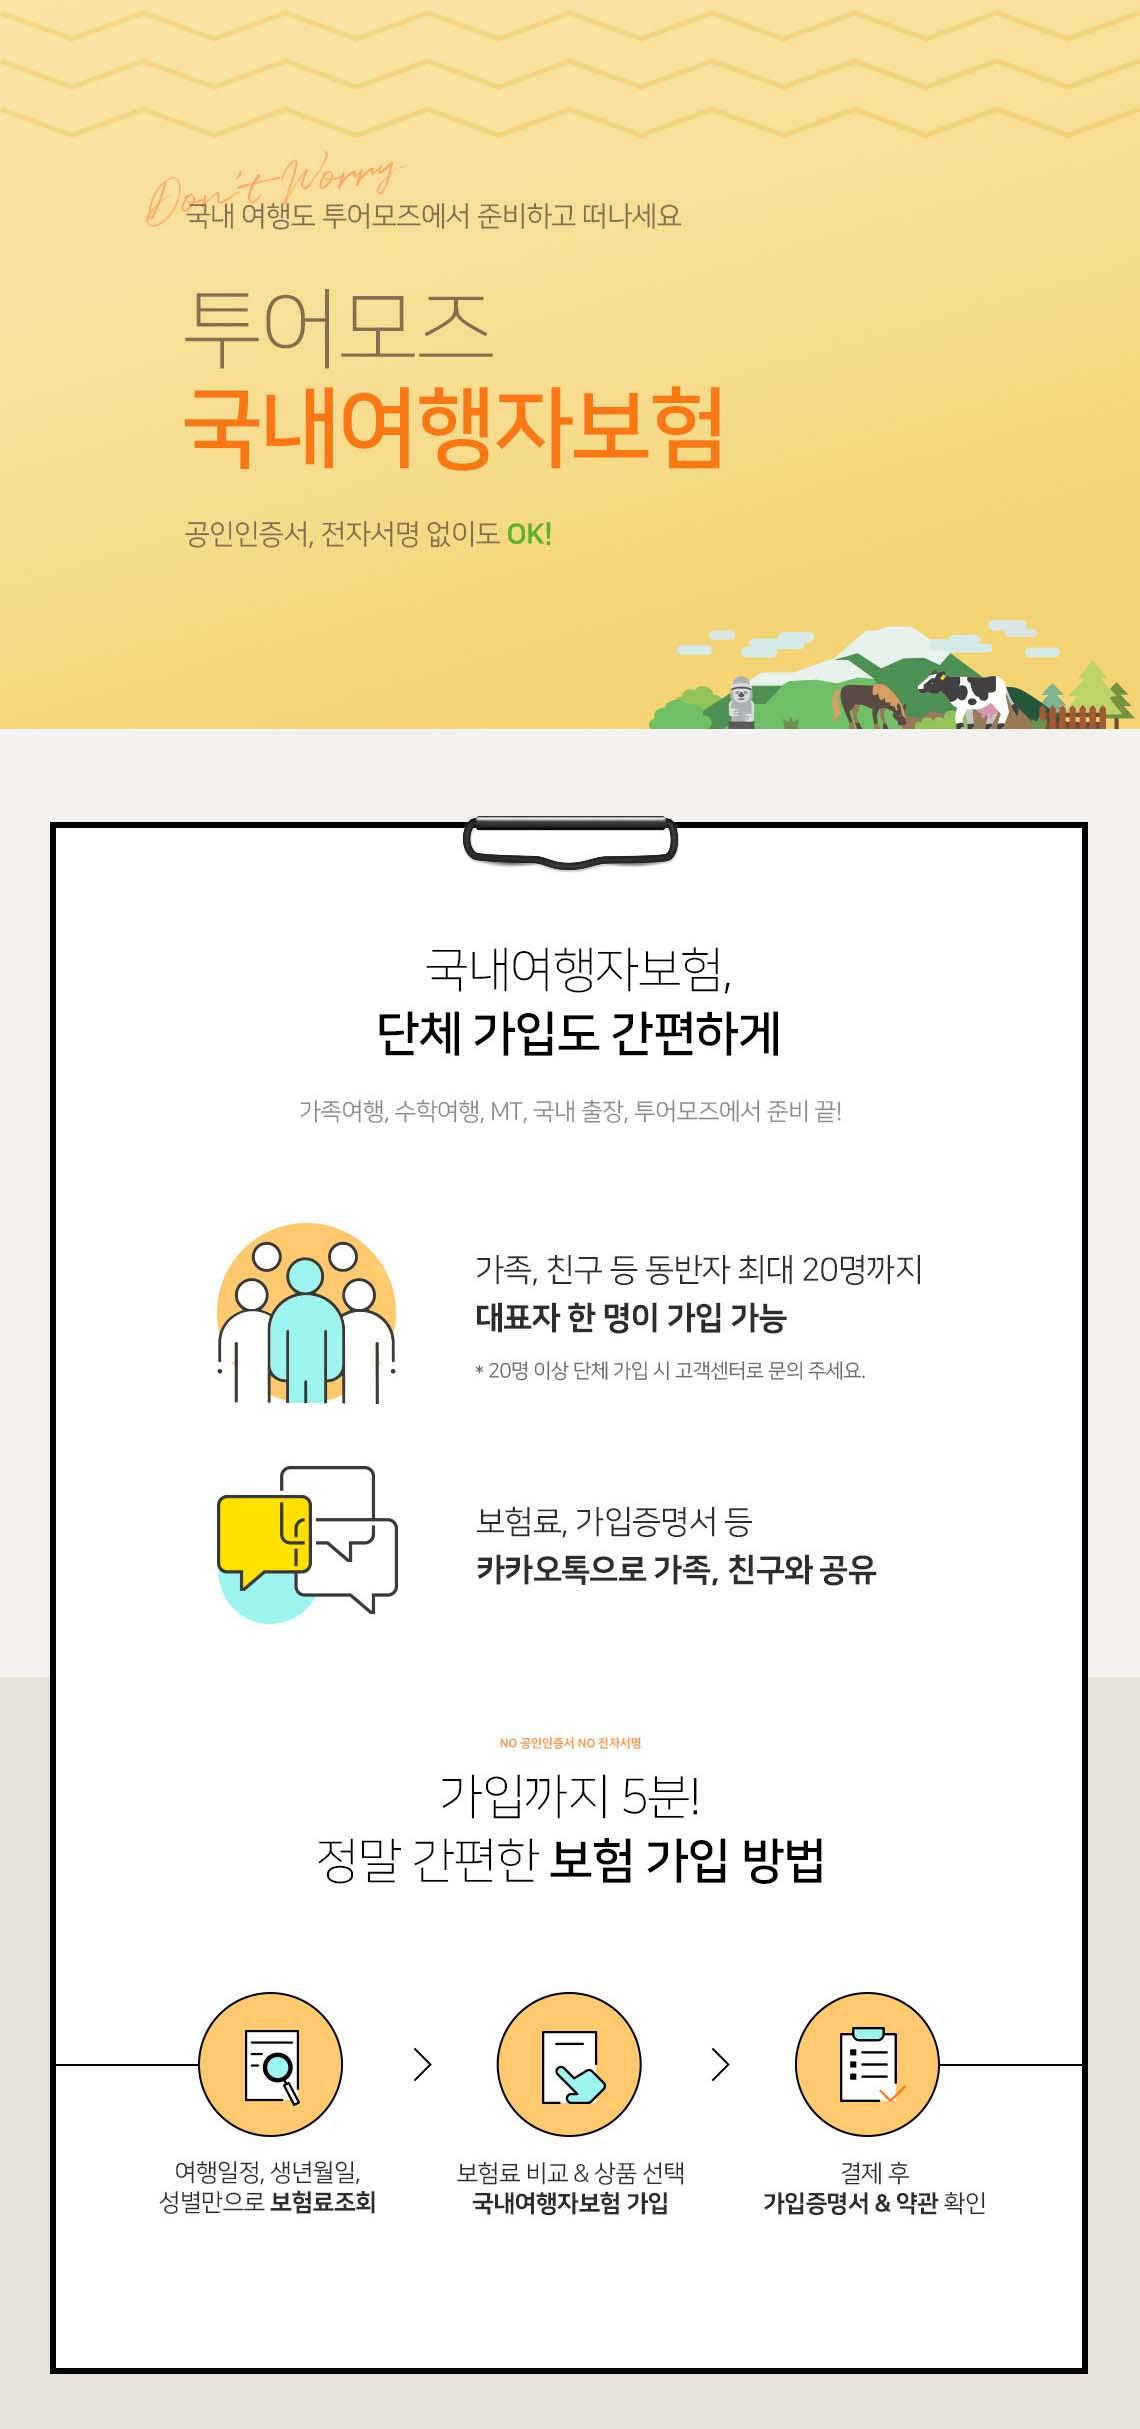 투어모즈 여행보험 소개